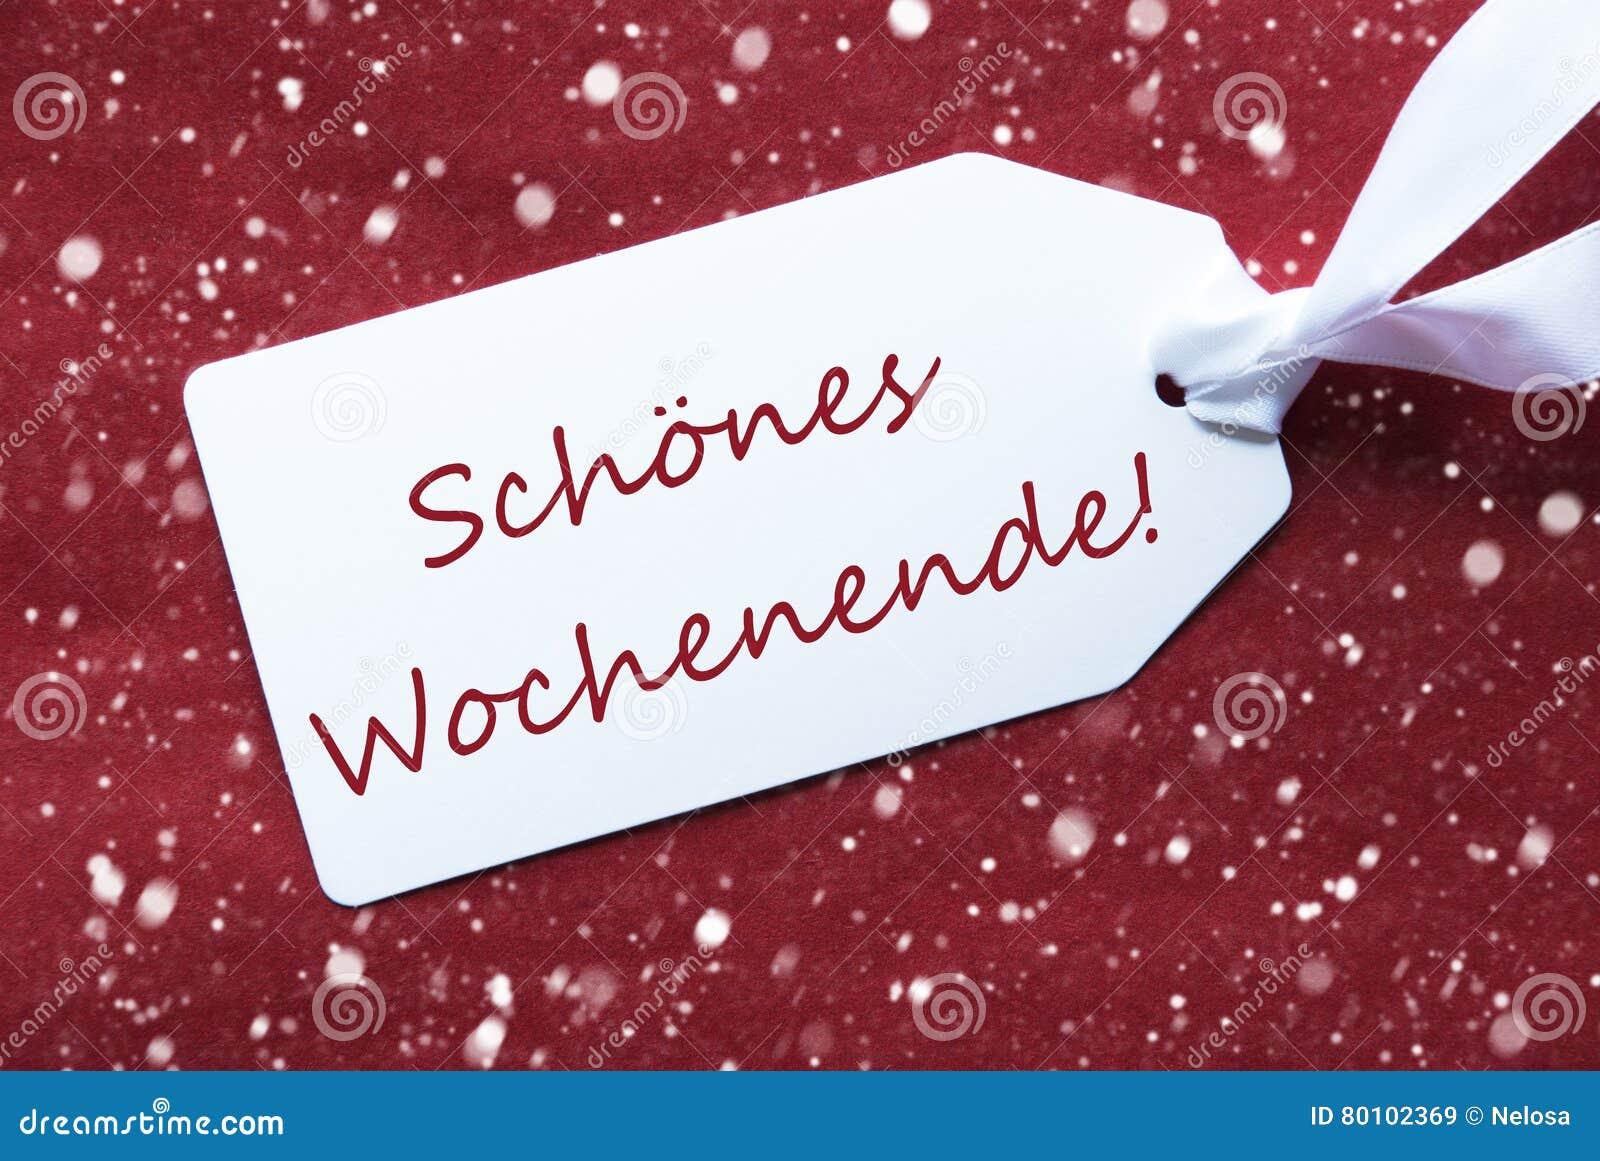 Etykietka Na Czerwonym tle, płatki śniegu, Schoenes Wochenende Znaczy Szczęśliwego weekend